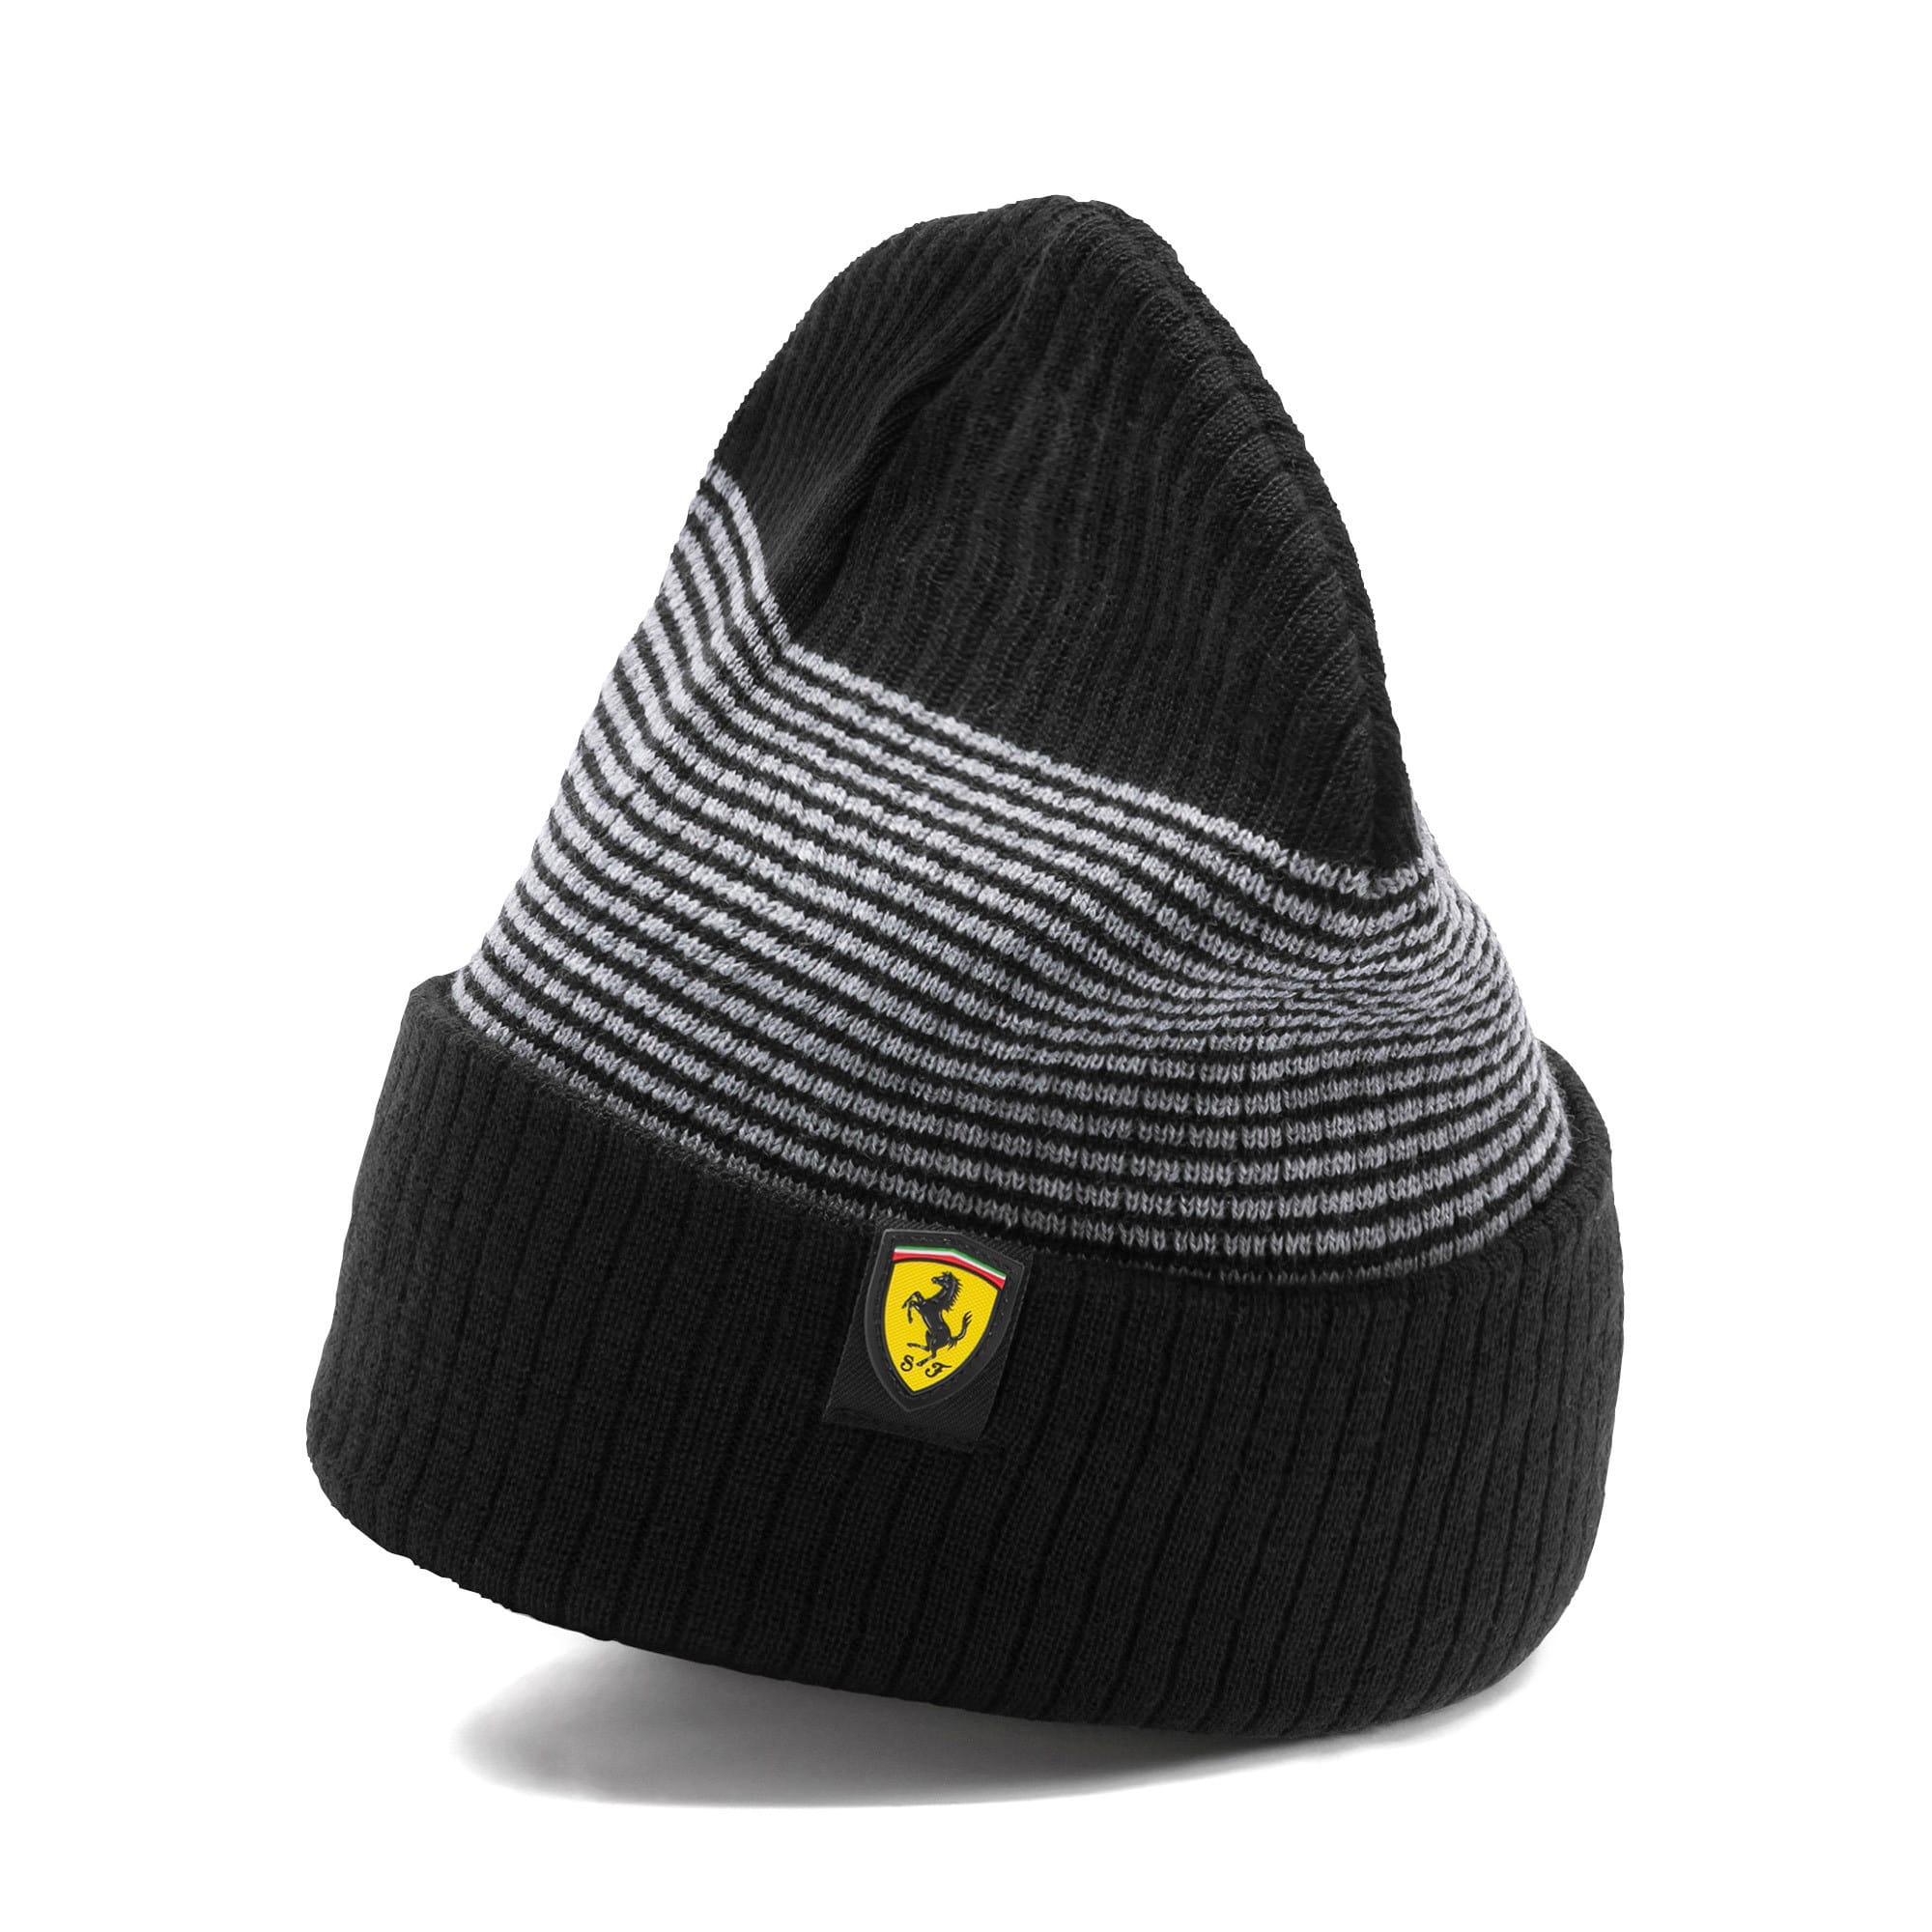 Miniatura 1 de Gorro de lana Scuderia Ferrari para fanáticos, Puma Black, mediano